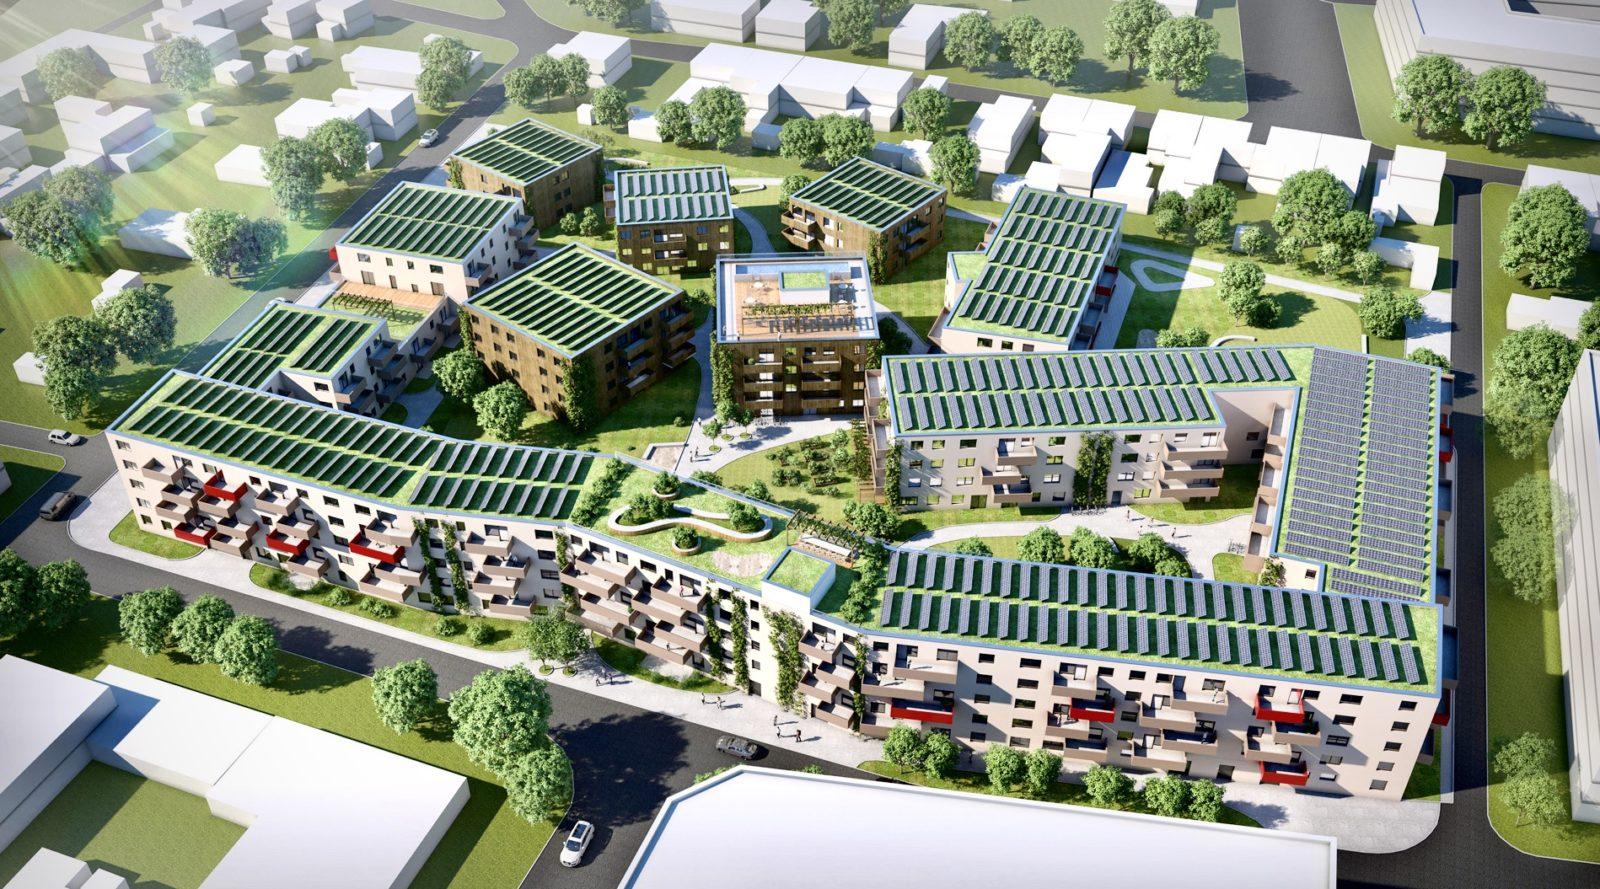 BTW Podhagskygasse III - Architekturvisualisierung  Aussen